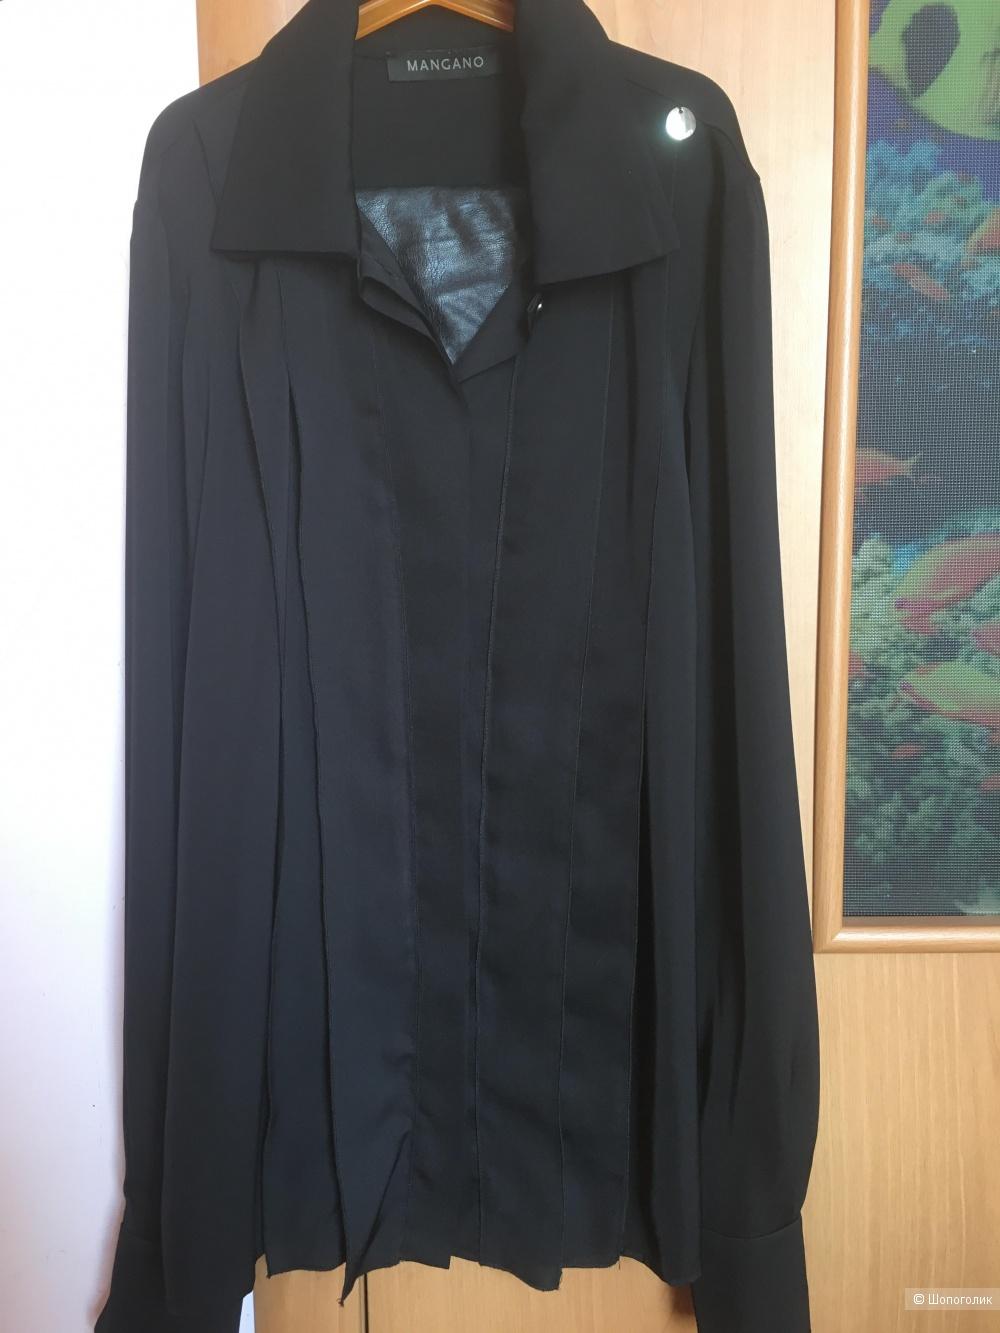 Блуза, Mangano, 46